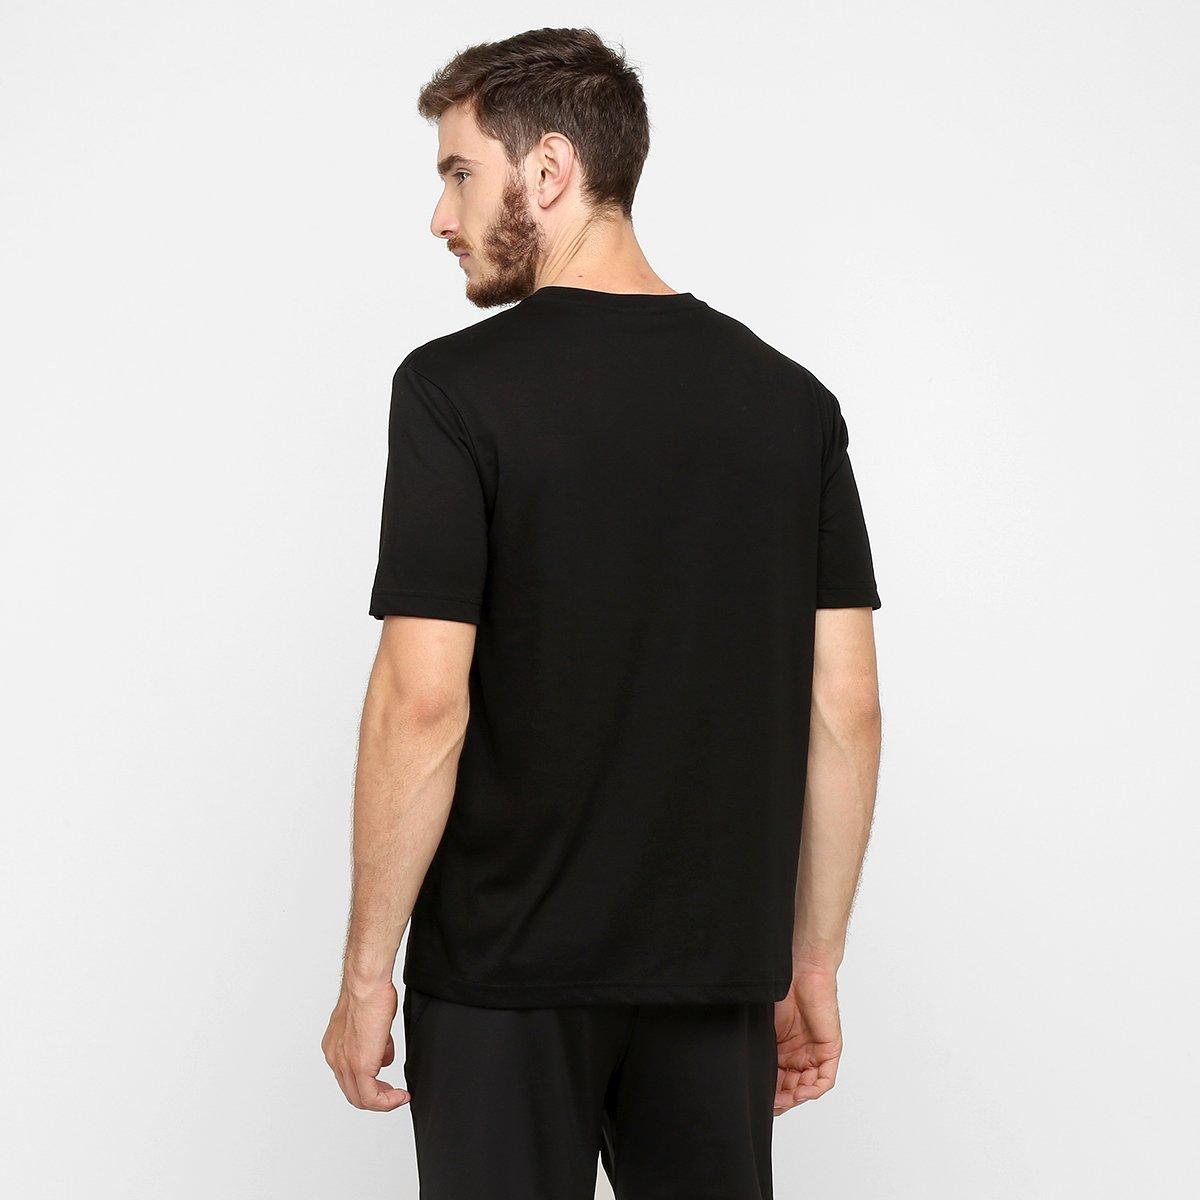 0fb2efc52d Camiseta Lacoste Gola V Masculina  Camiseta Lacoste Gola V Masculina ...